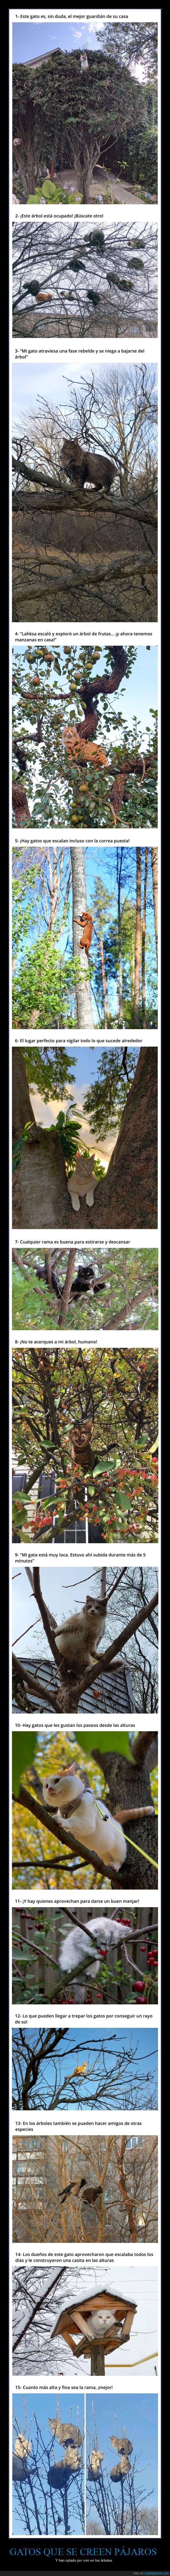 árboles,gatos,pájaros